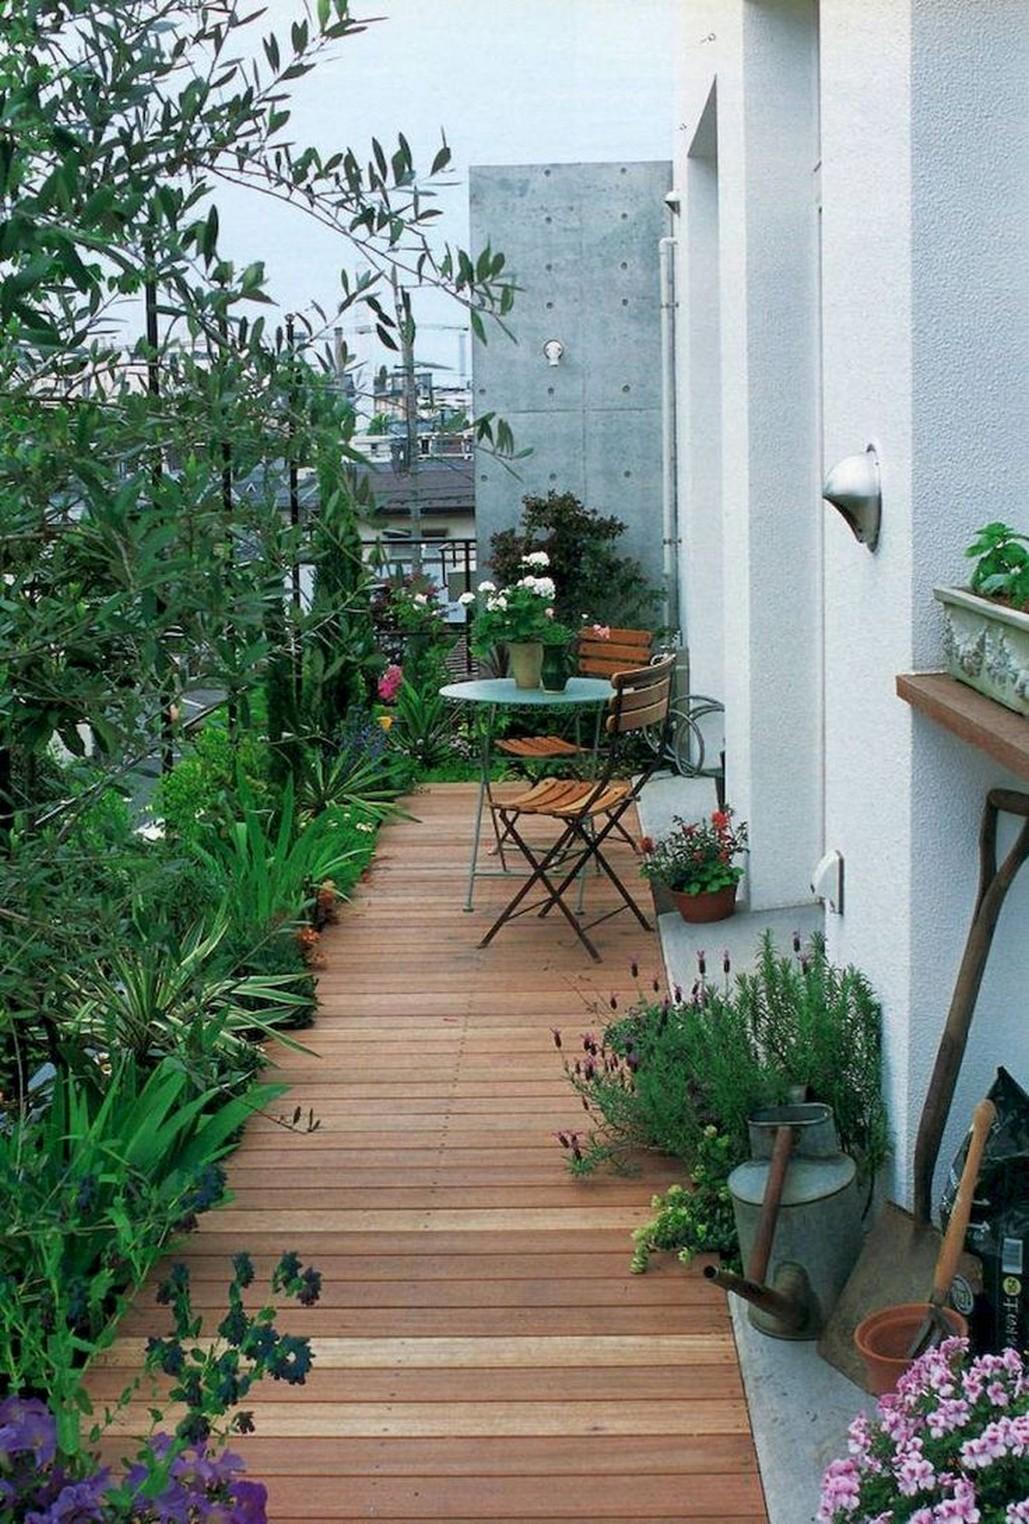 Bật mí những cách trang trí nhà chung cư đẹp, ấn tượng  - Ảnh 29.